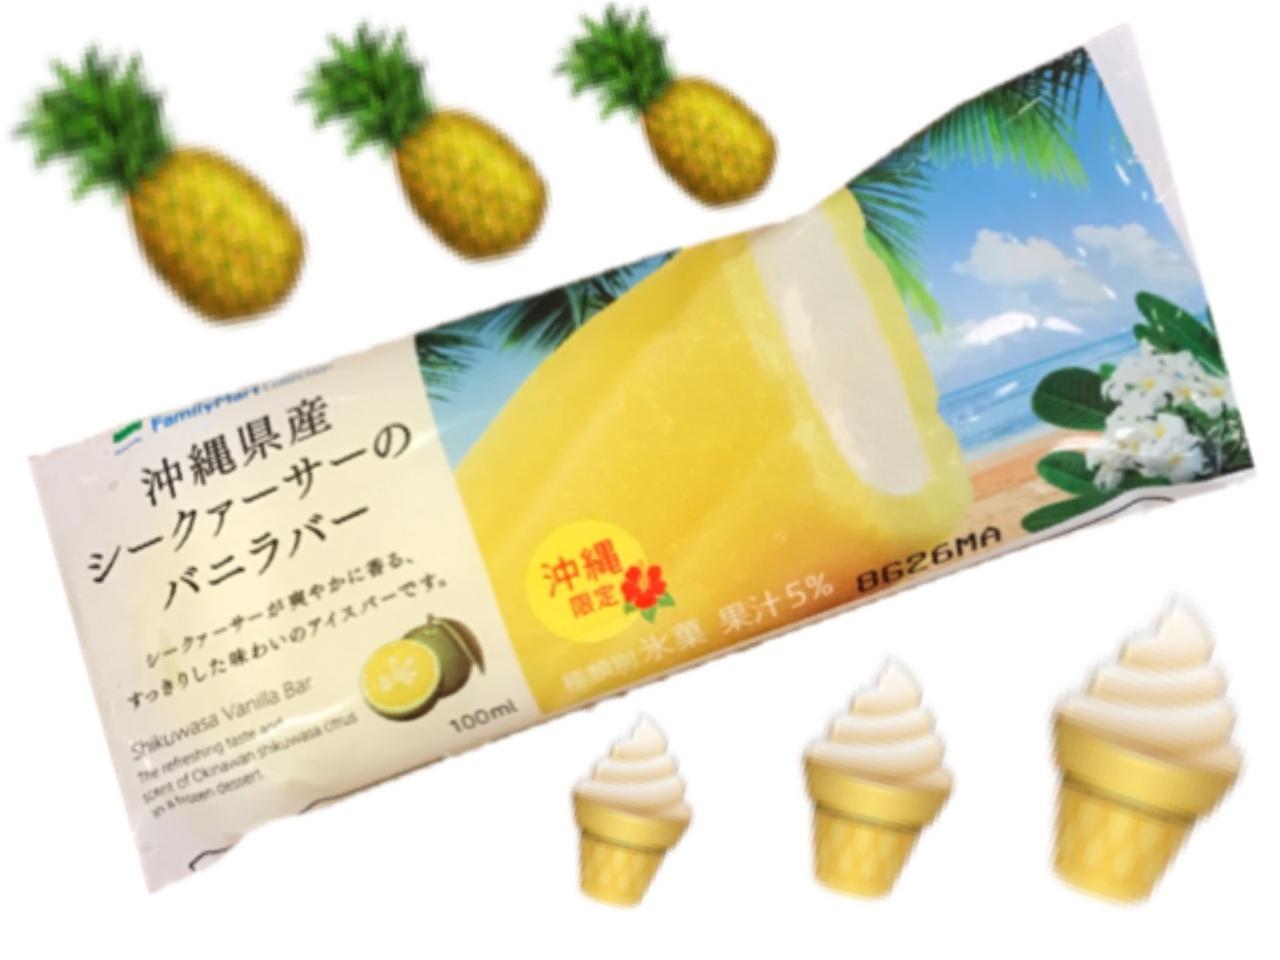 【ご当地アイス】沖縄に行ったら絶対食べたい!おすすめアイス3選【沖縄県】_2